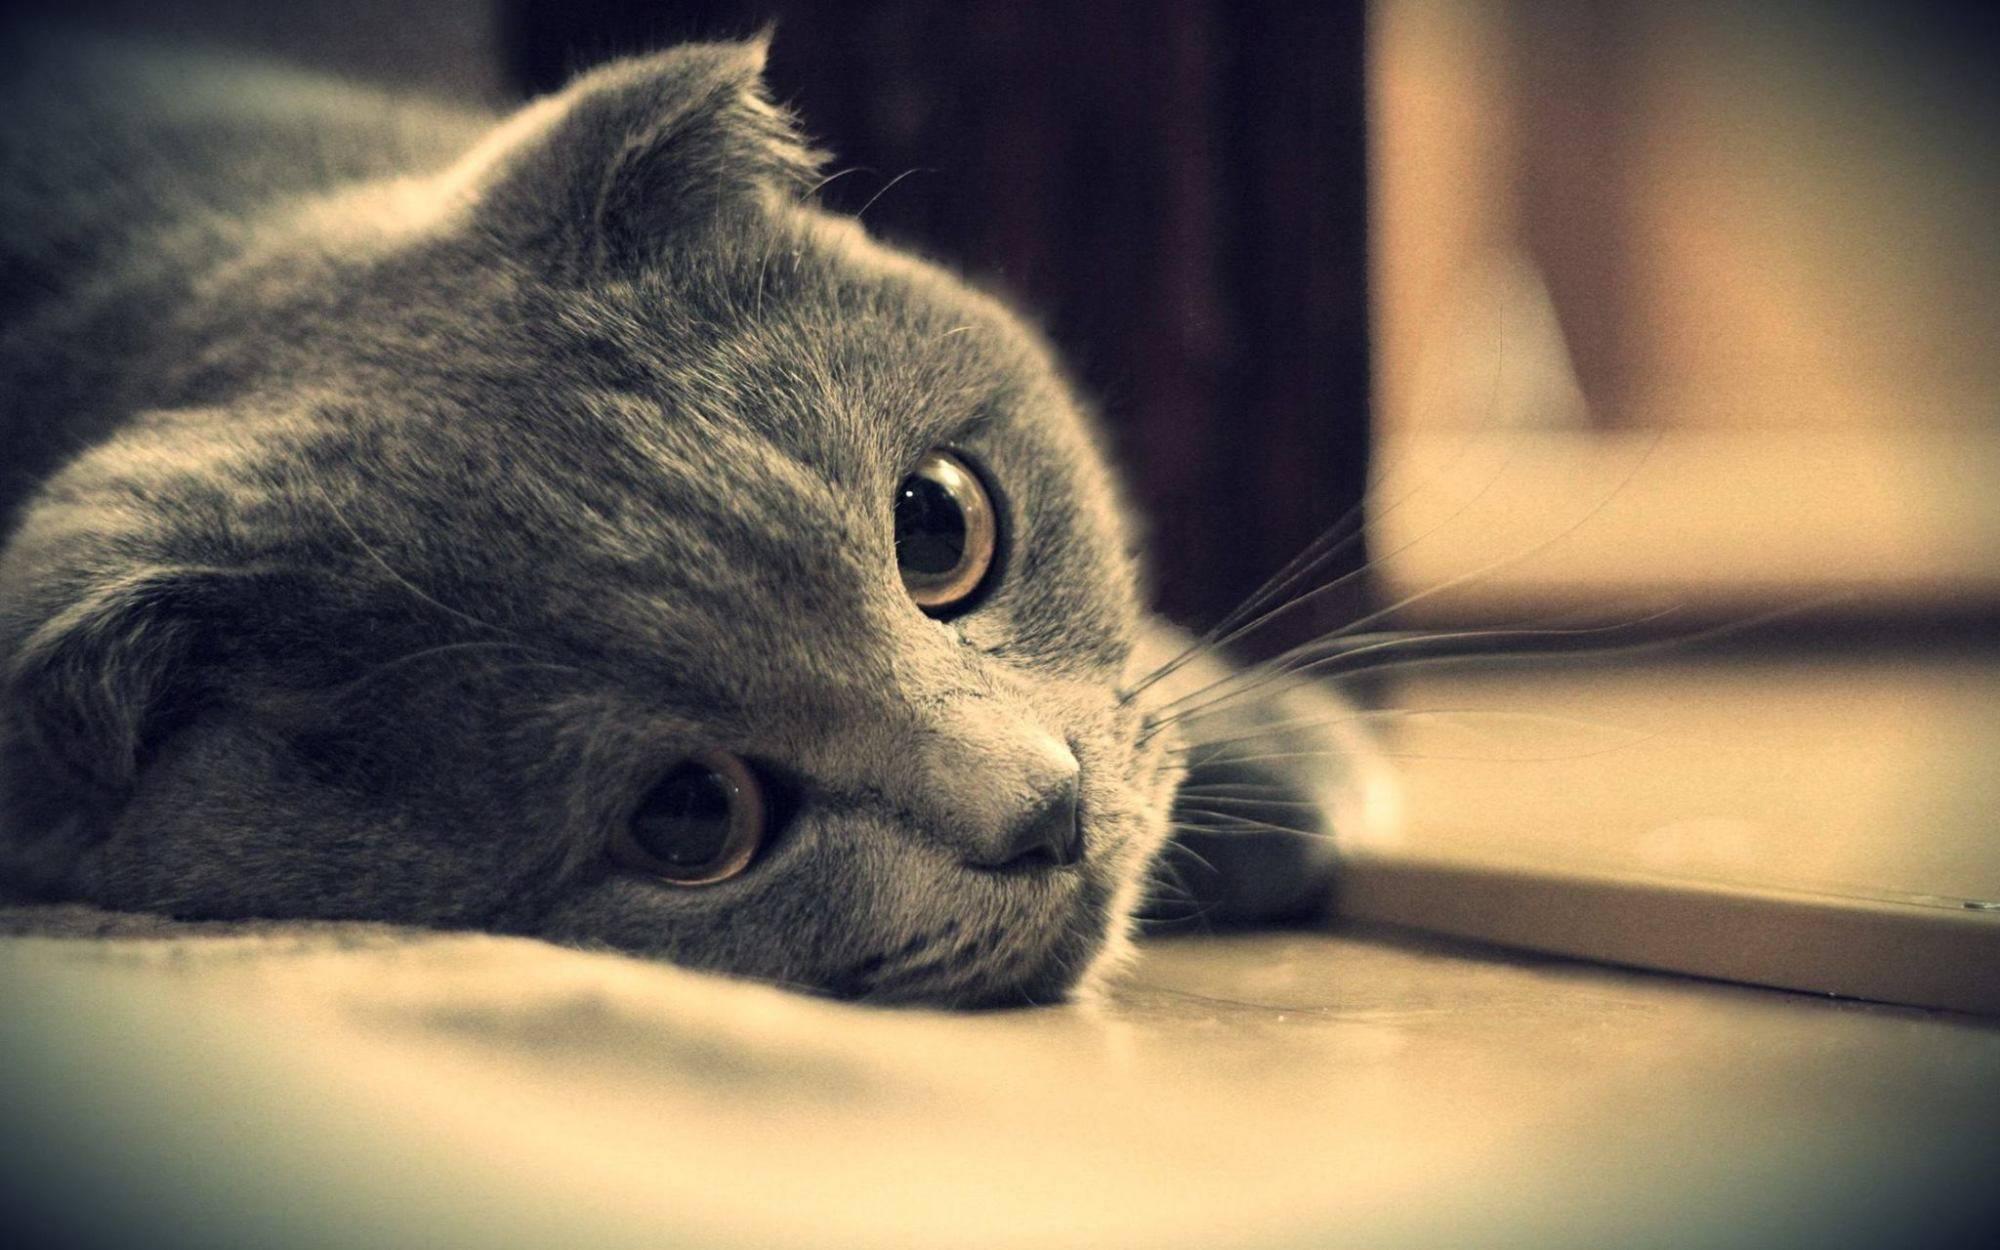 求大佬猫咪破解版分享 猫咪百度网盘分享密码